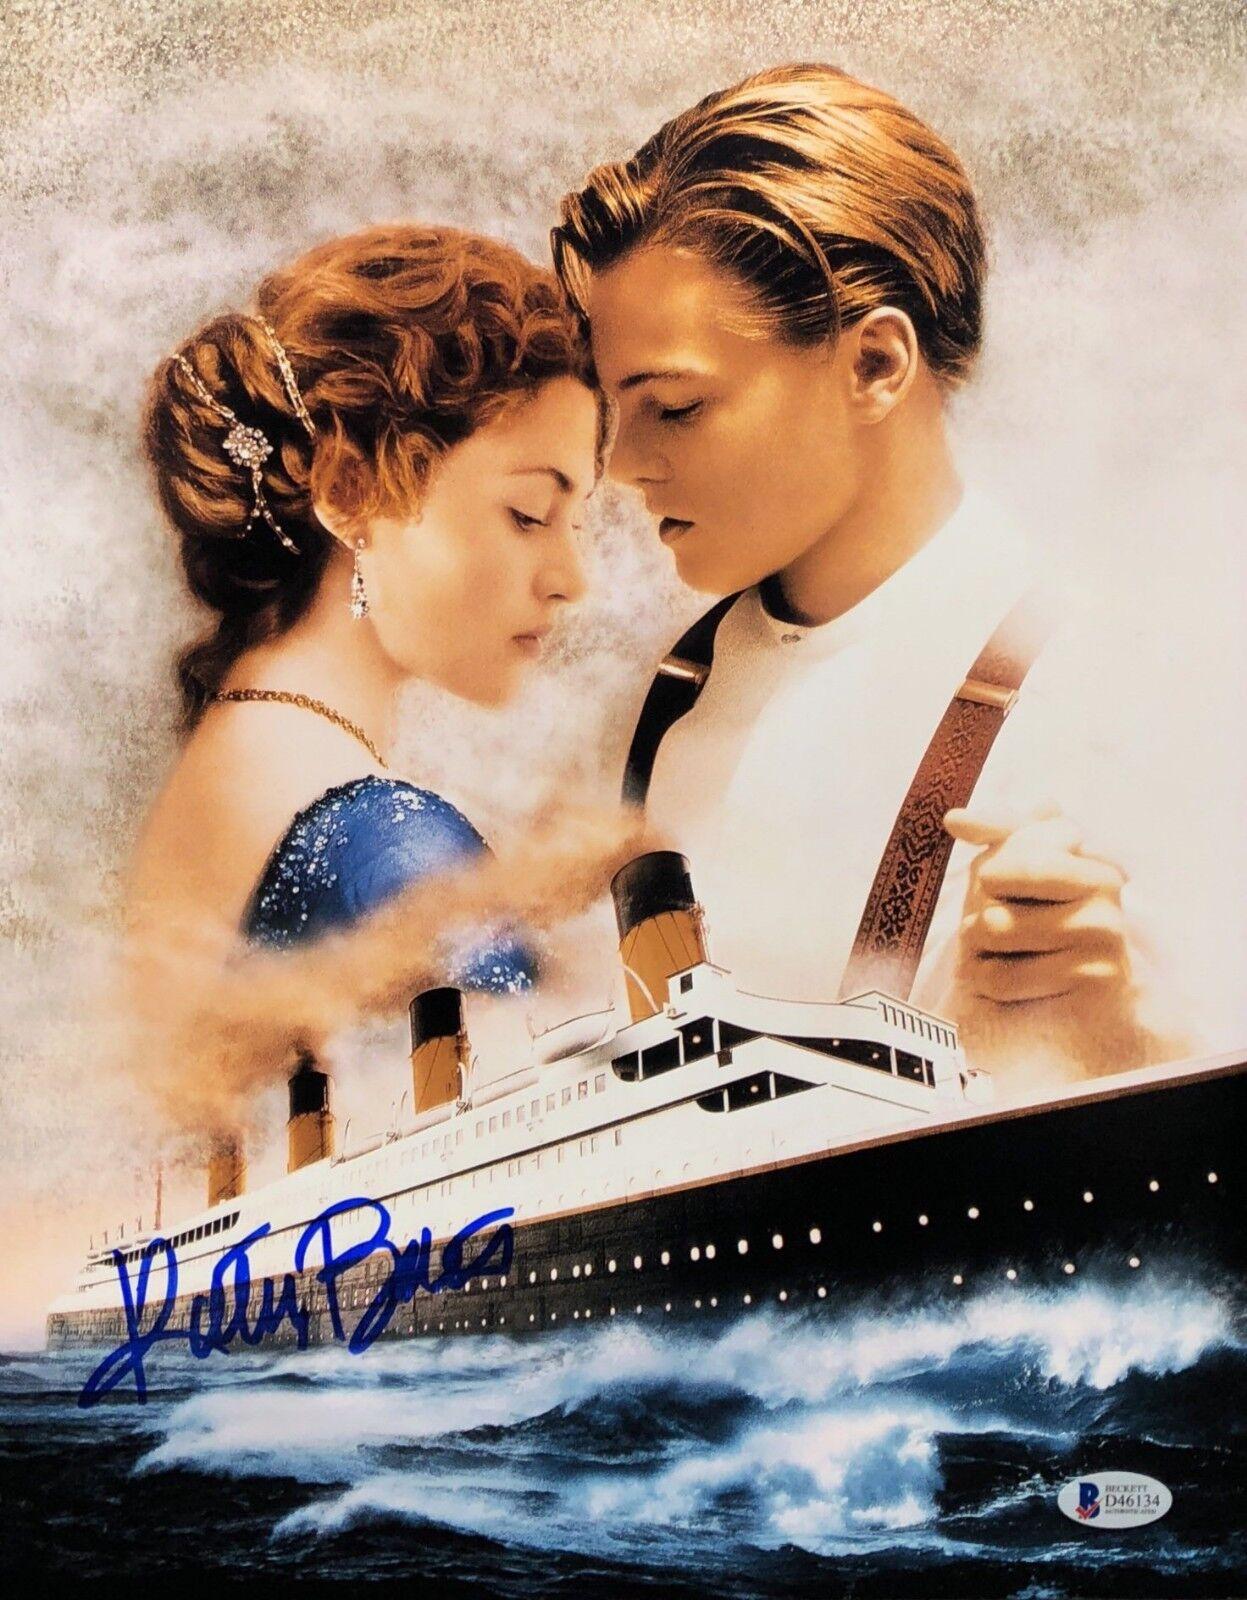 Kathy Bates Signed 'Titanic' 11x14 Photo BAS Beckett D46134